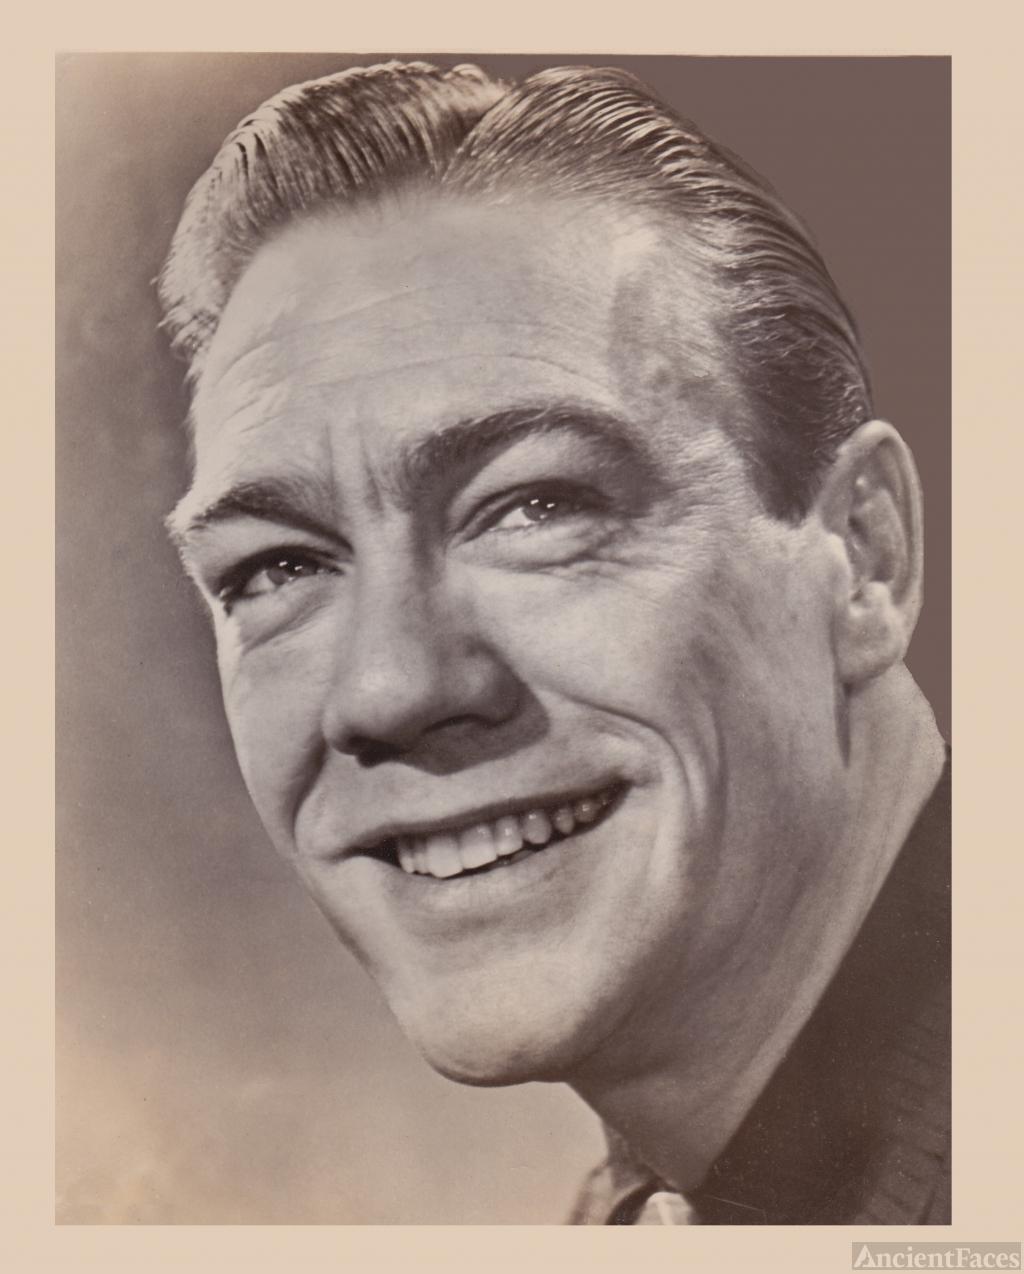 Dort W. Clark, actor